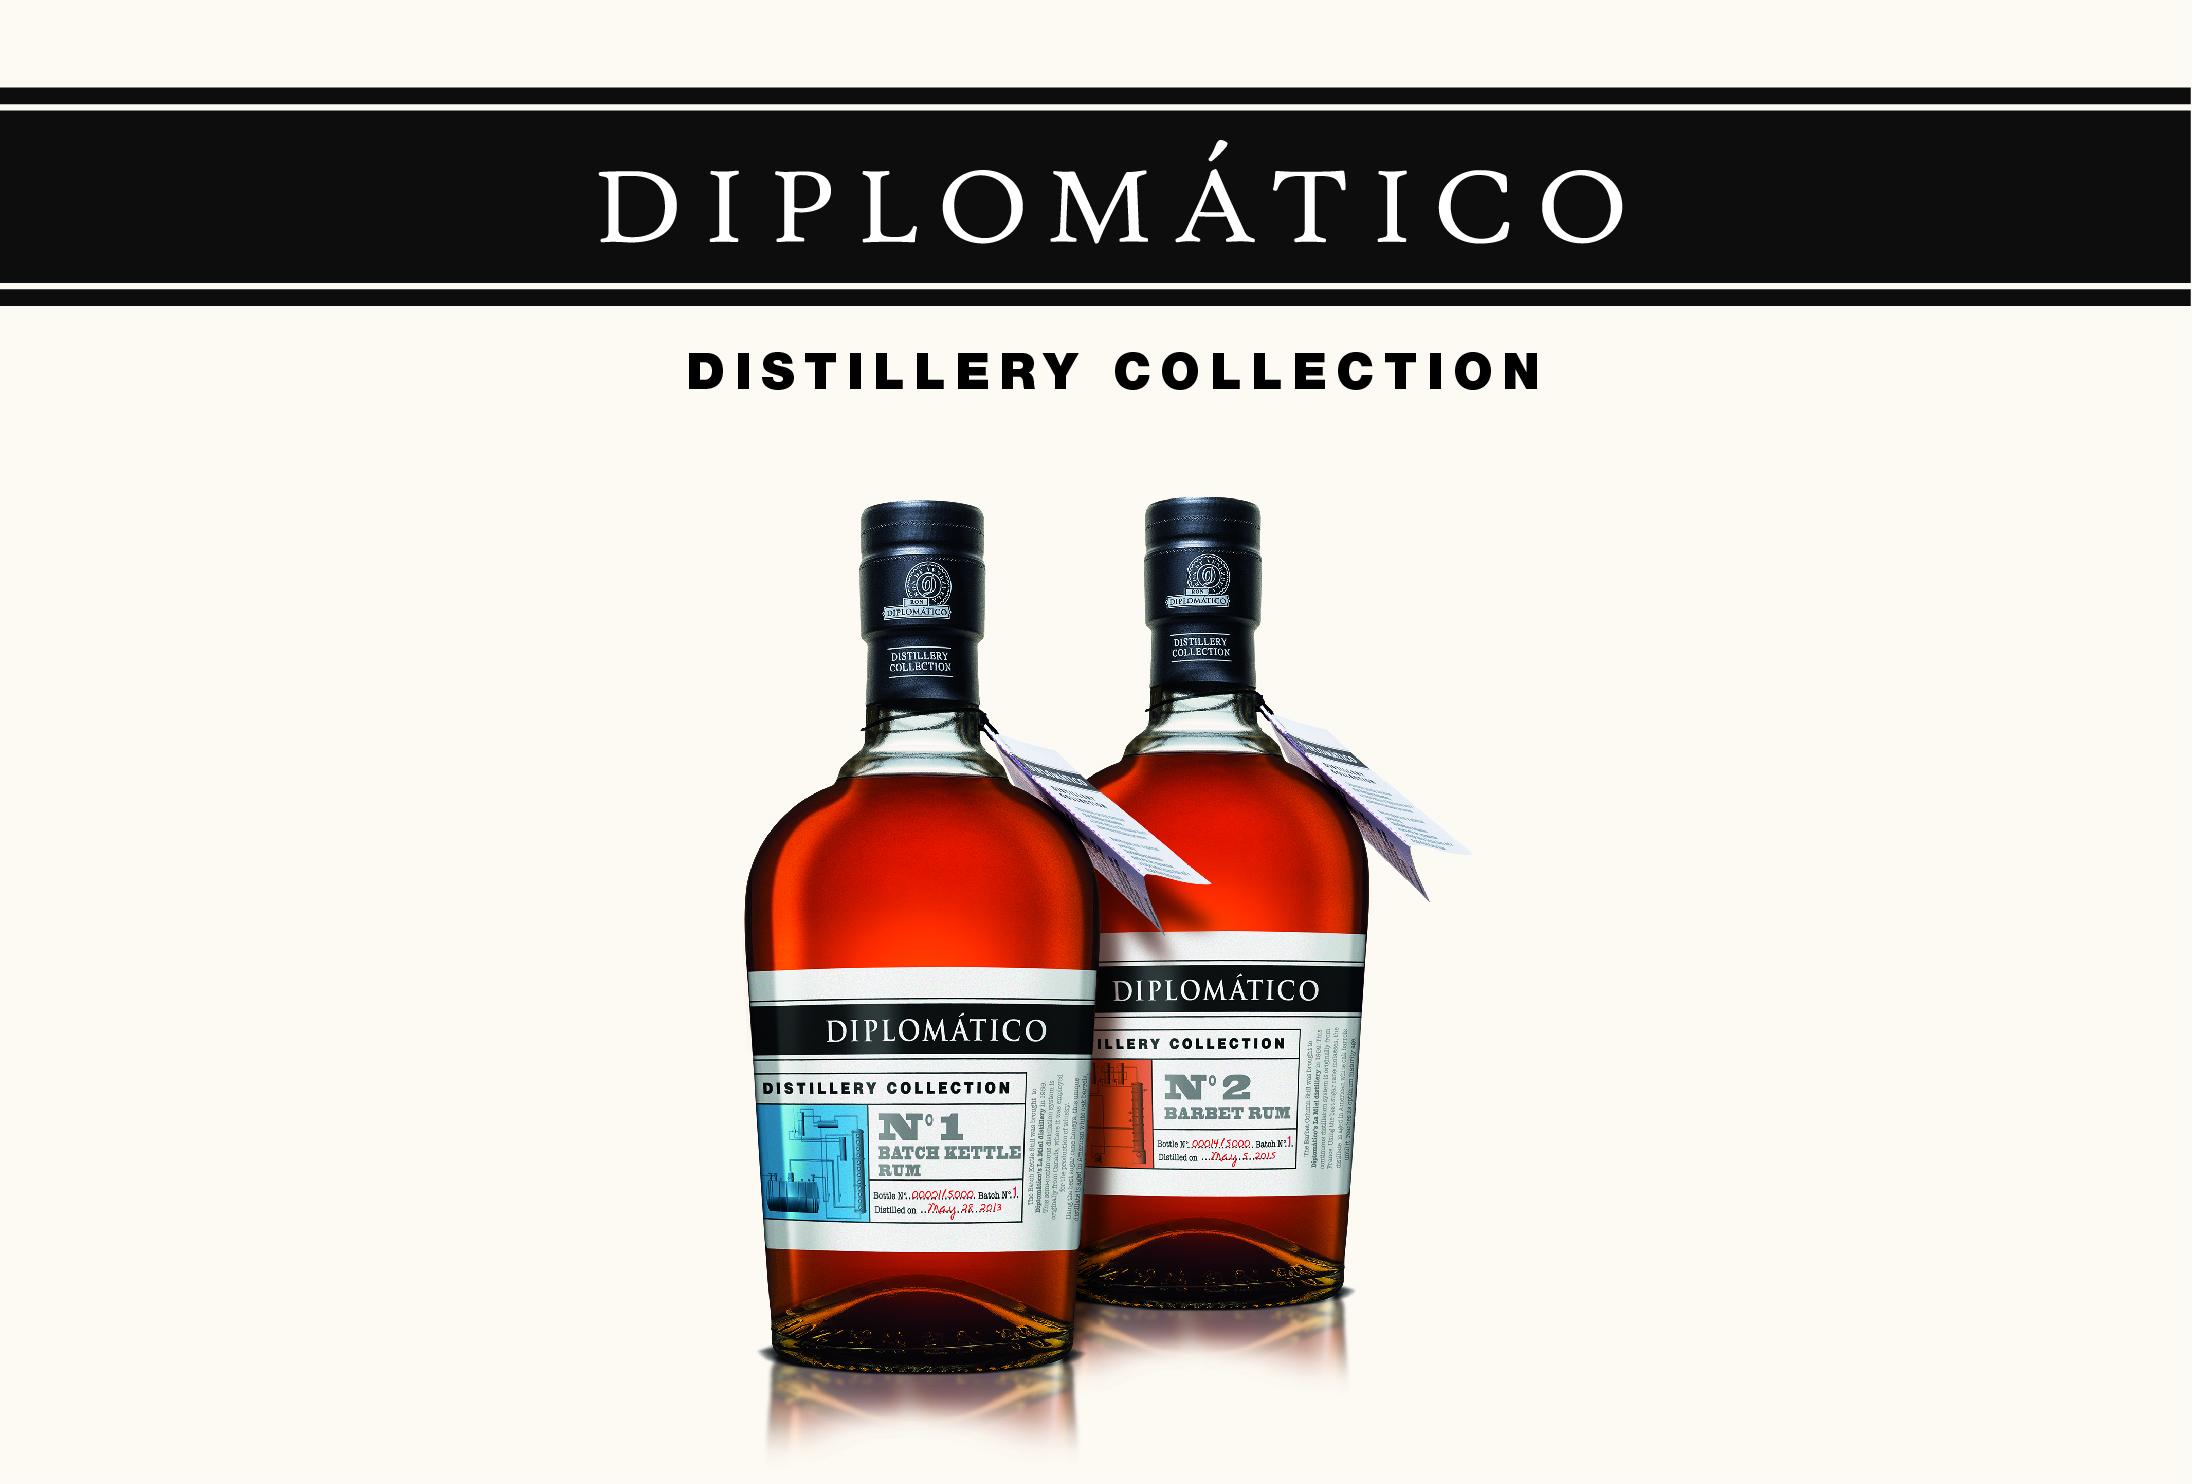 diplomatico distillery collection